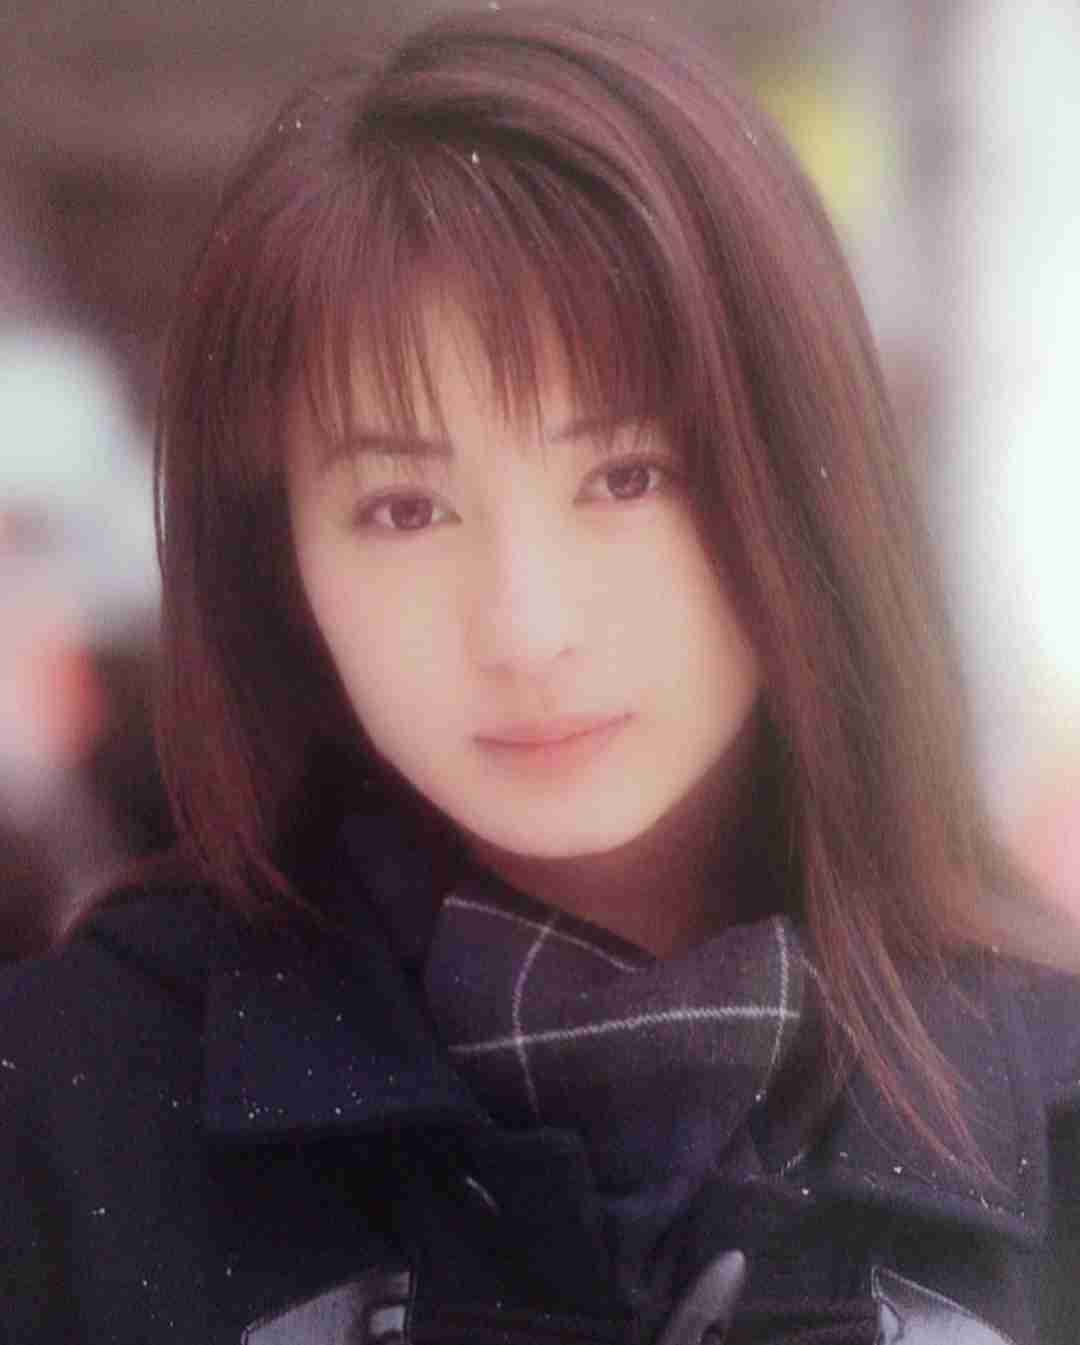 これが90年代美少女のクオリティ 新山千春16歳の制服姿が衝撃的な美しさ